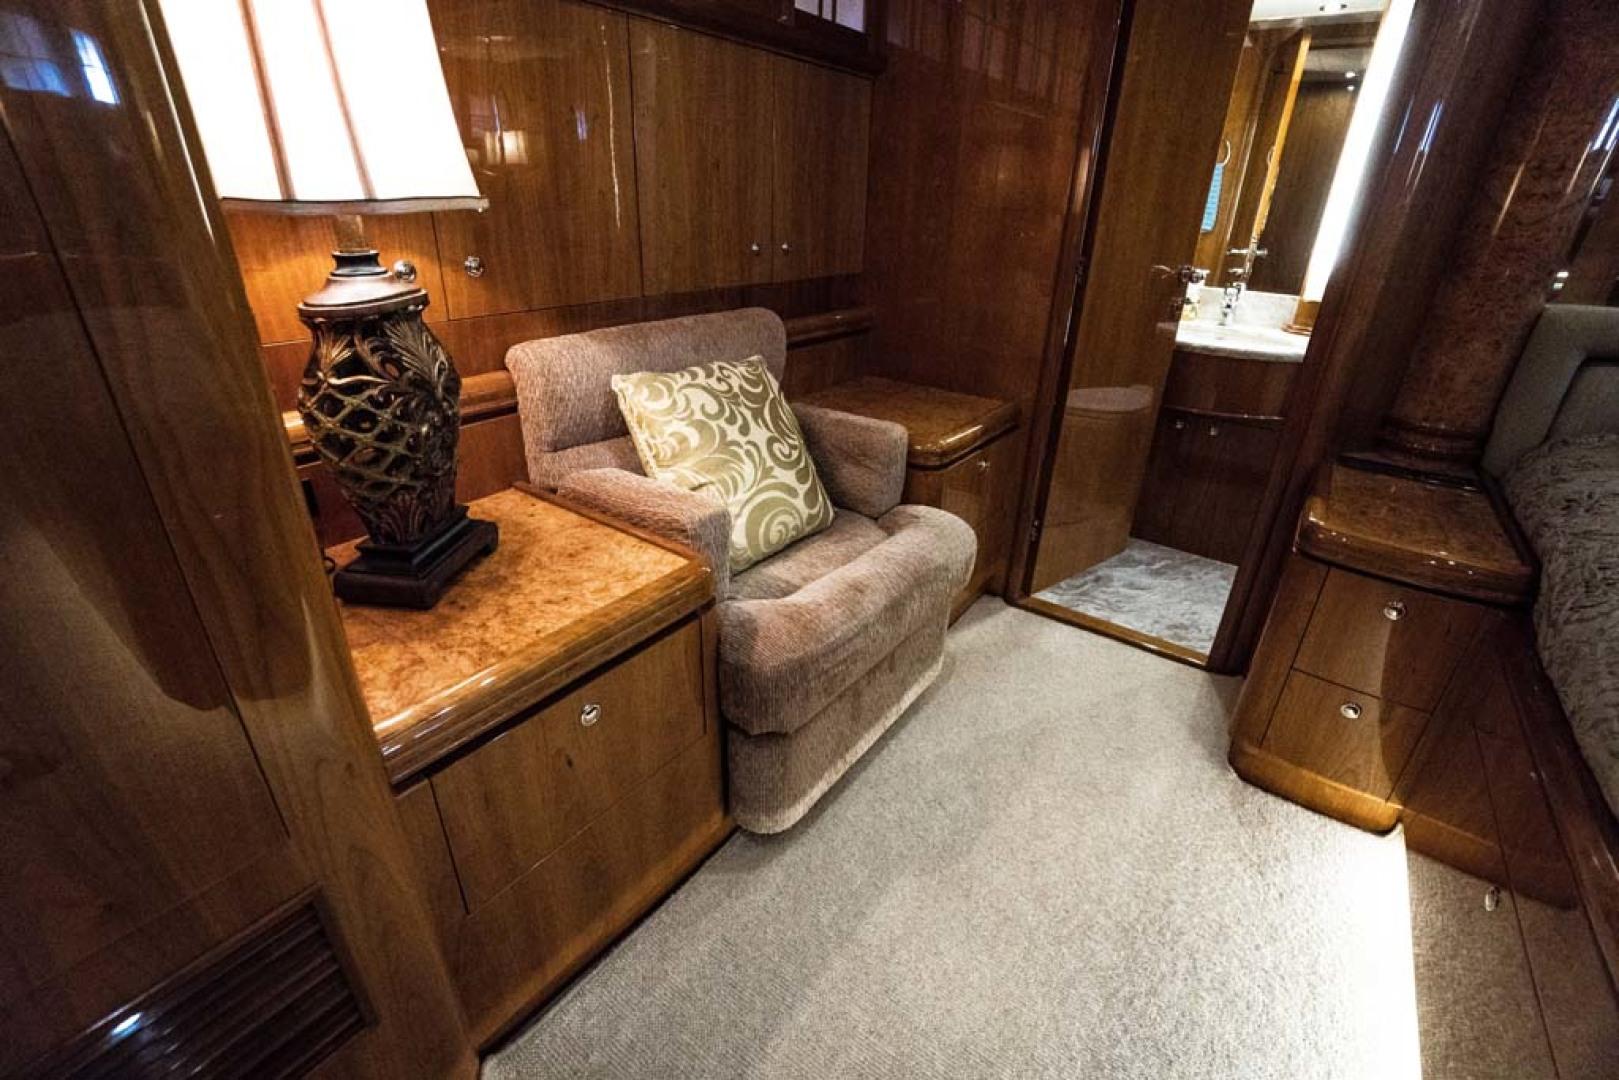 Horizon-Cockpit-Motor-Yacht-2008-Liberation-Stuart-Florida-United-States-Master-Stateroom-1075345